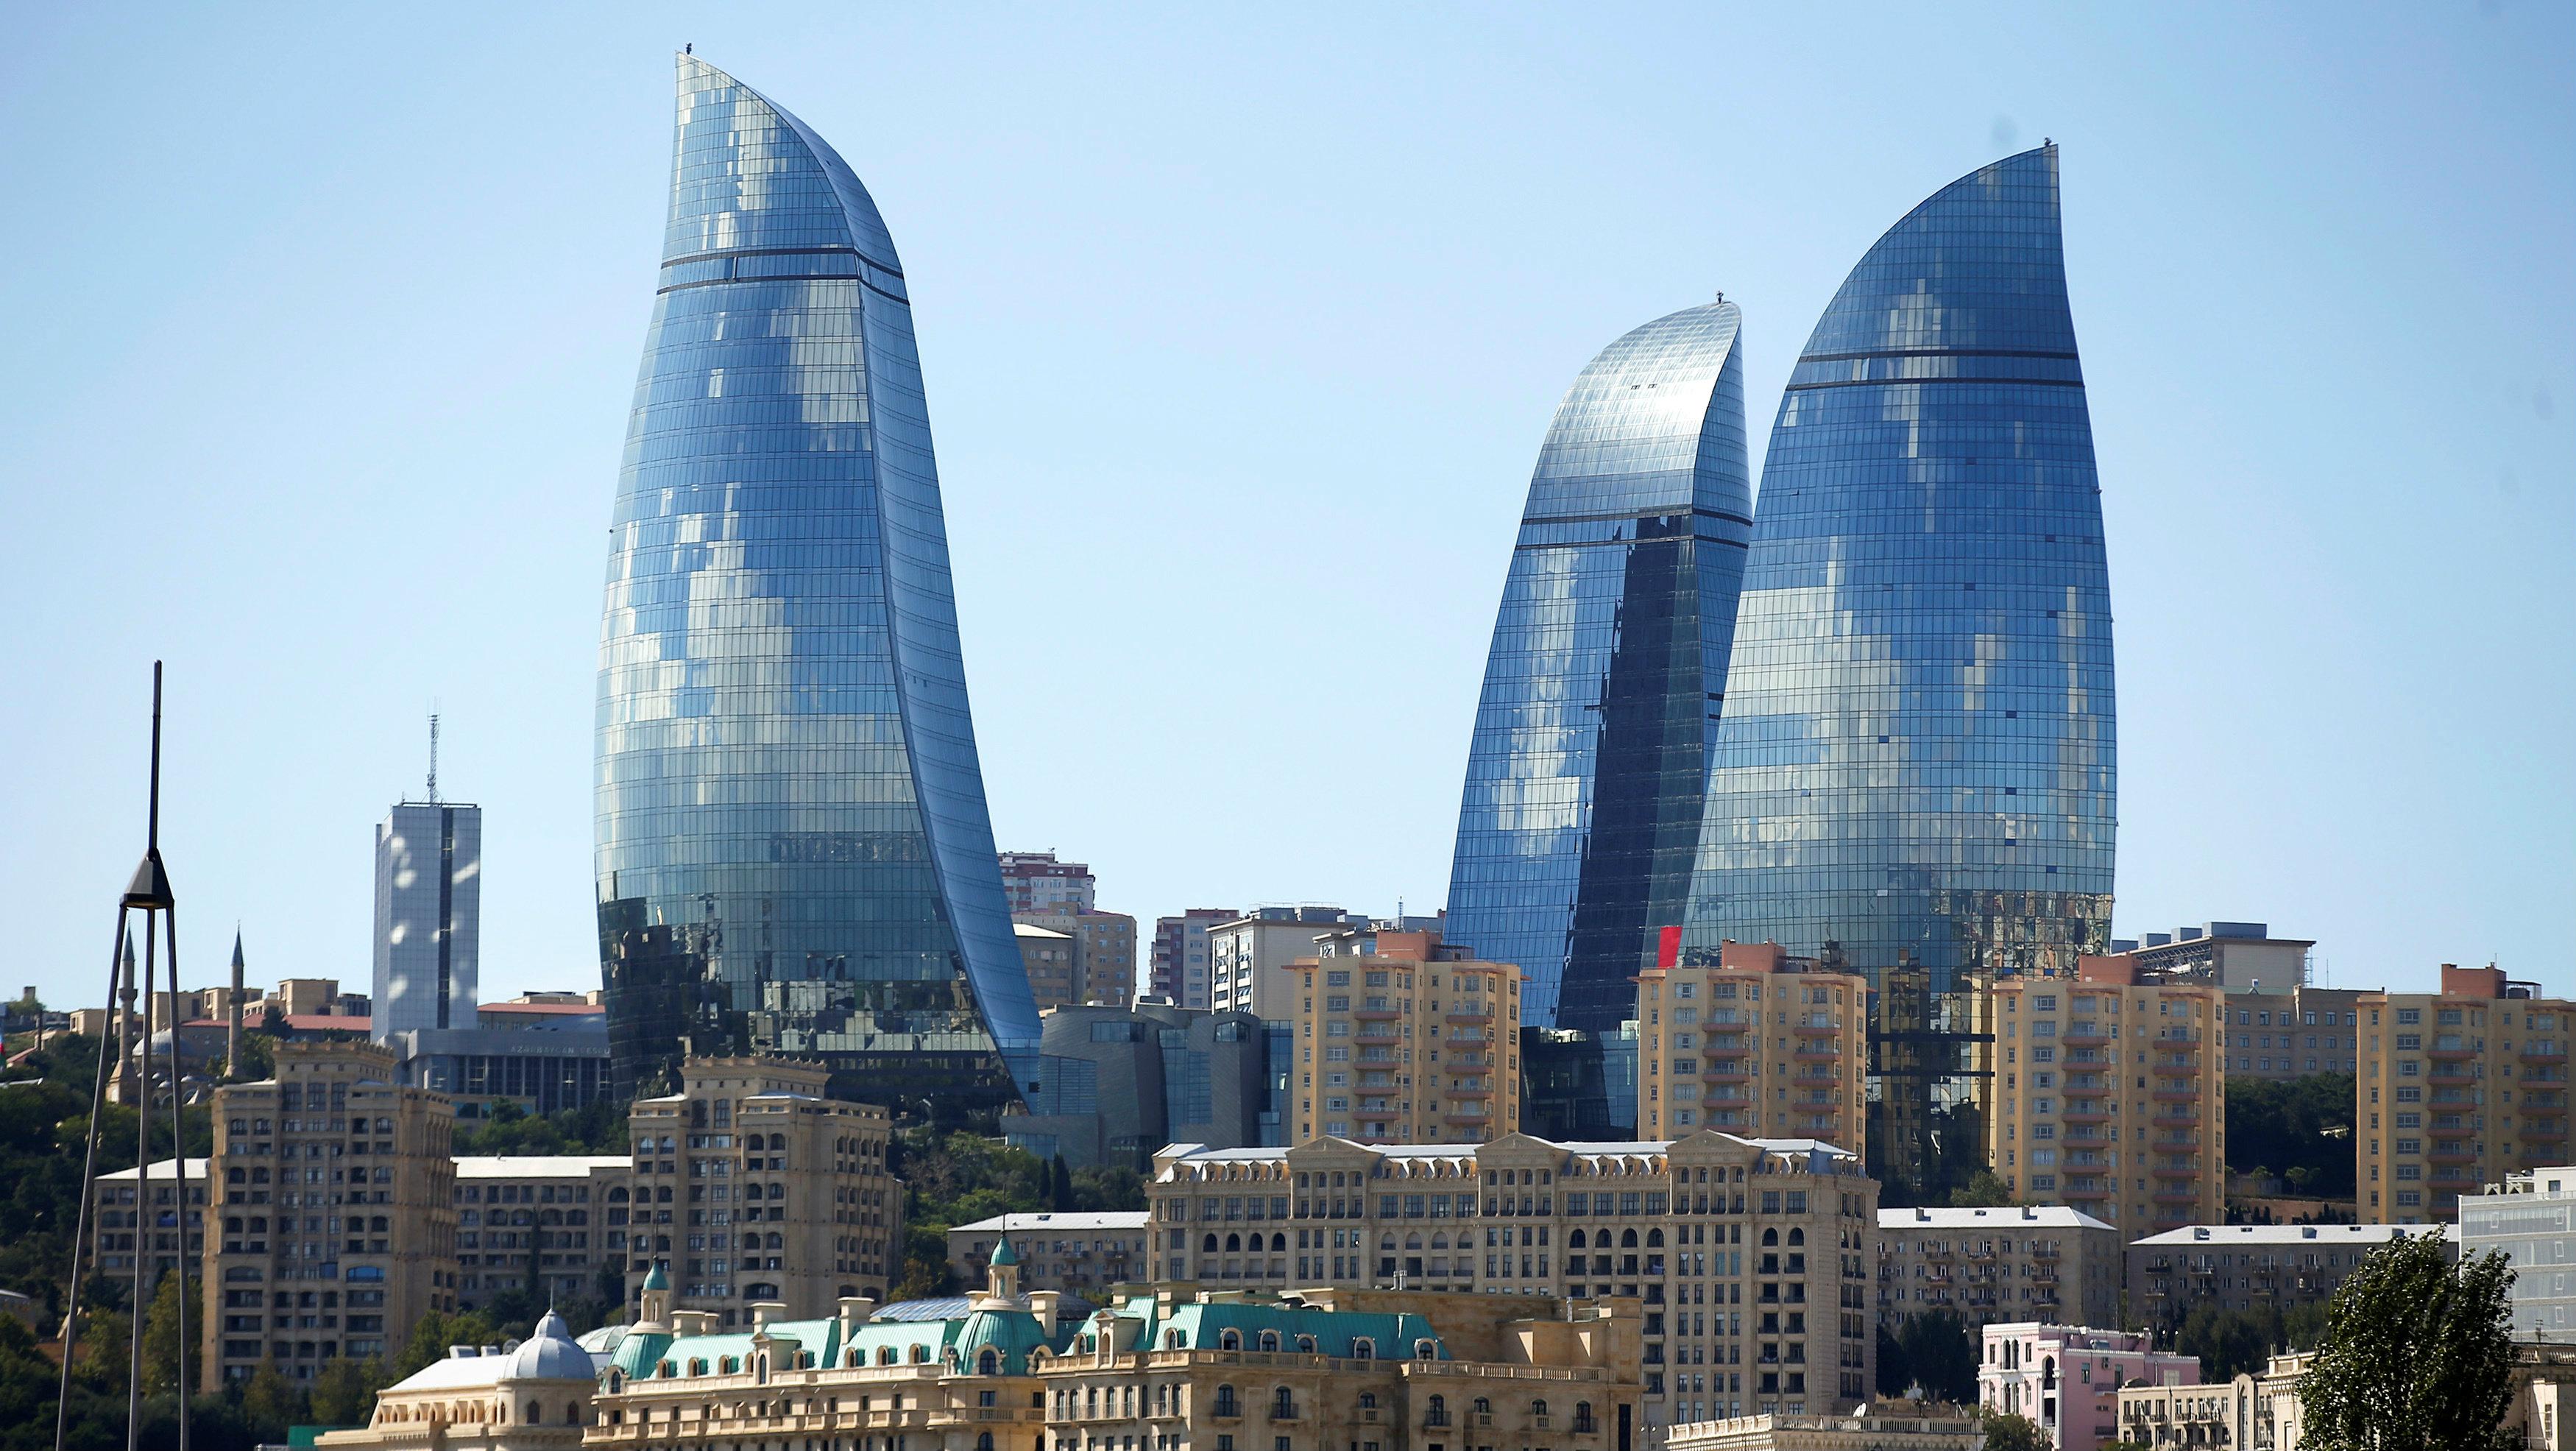 The city of Baku